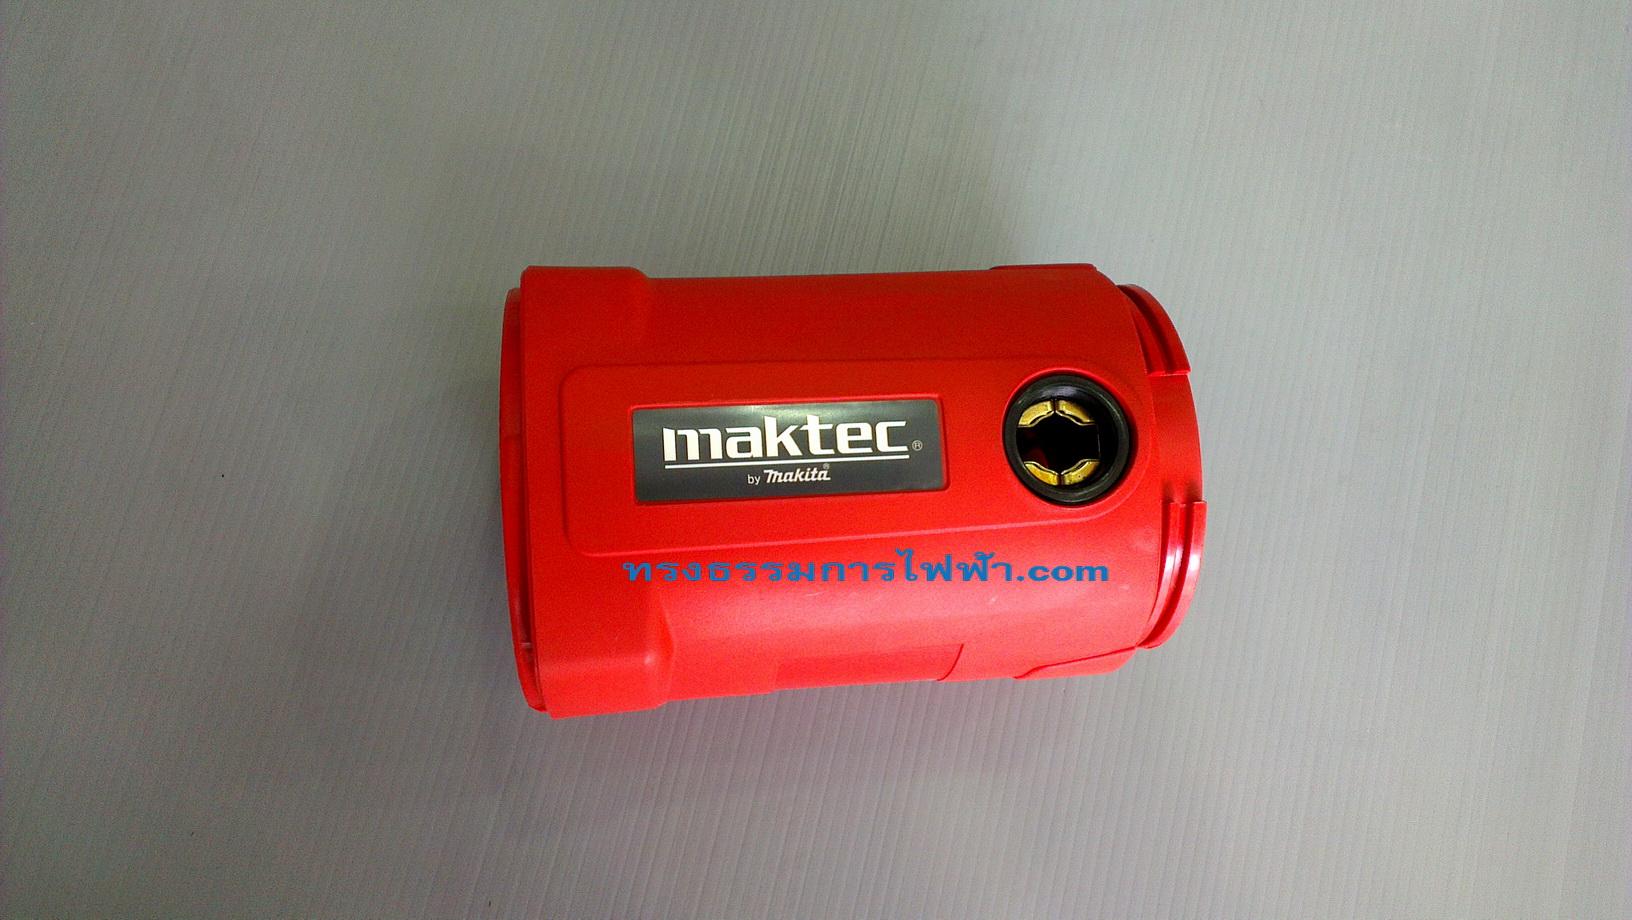 เสื้อฟิลคอยล์ หินเจียร 7 นิ้ว Maktec MT900, MT901, MT902 - (ใช้ไม่ได้กับรุ่น MT903) แท้